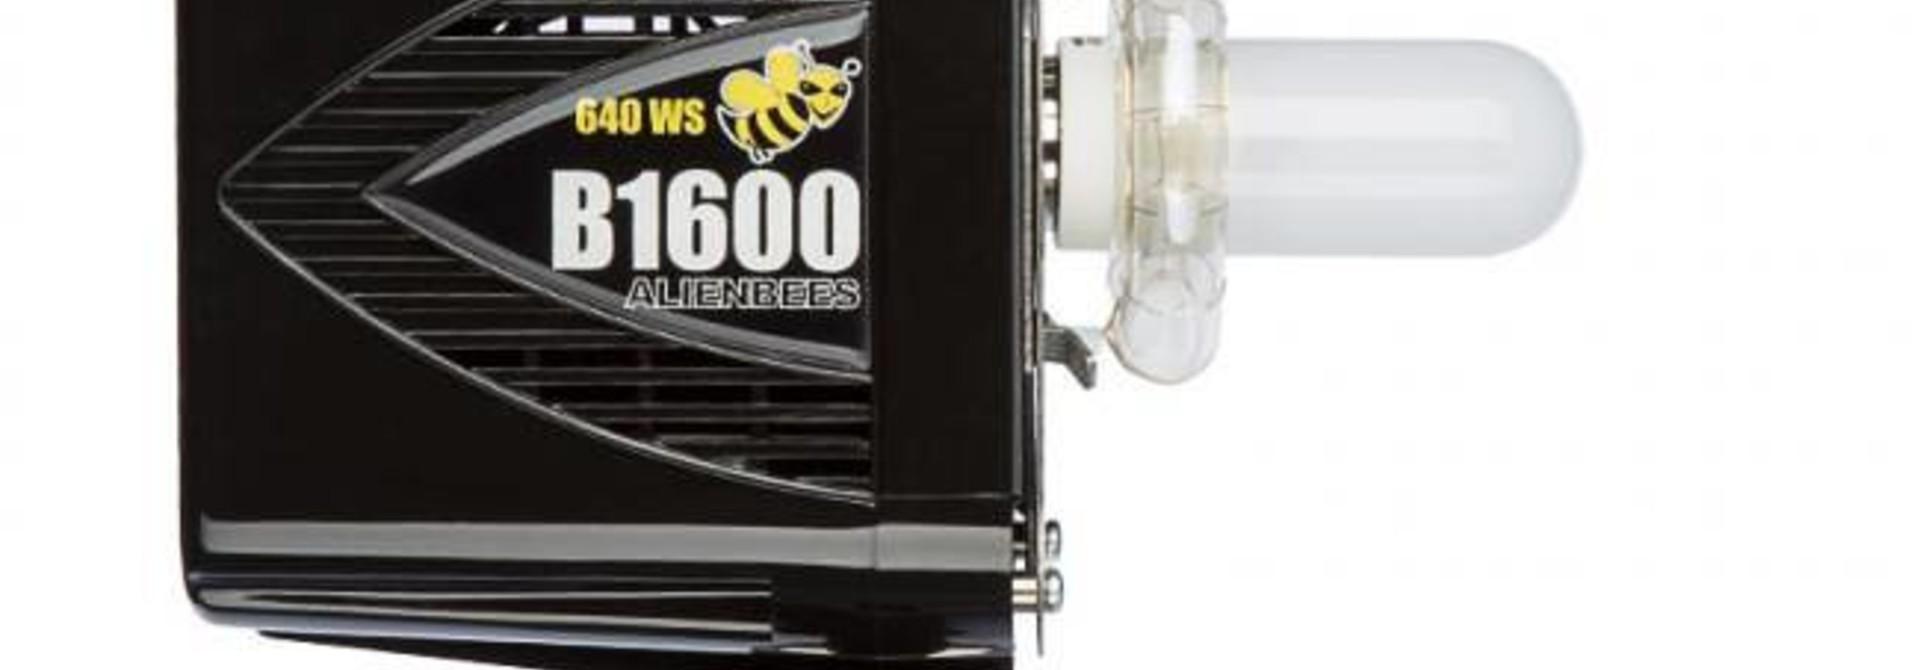 AlienBees Studioflitser B1600